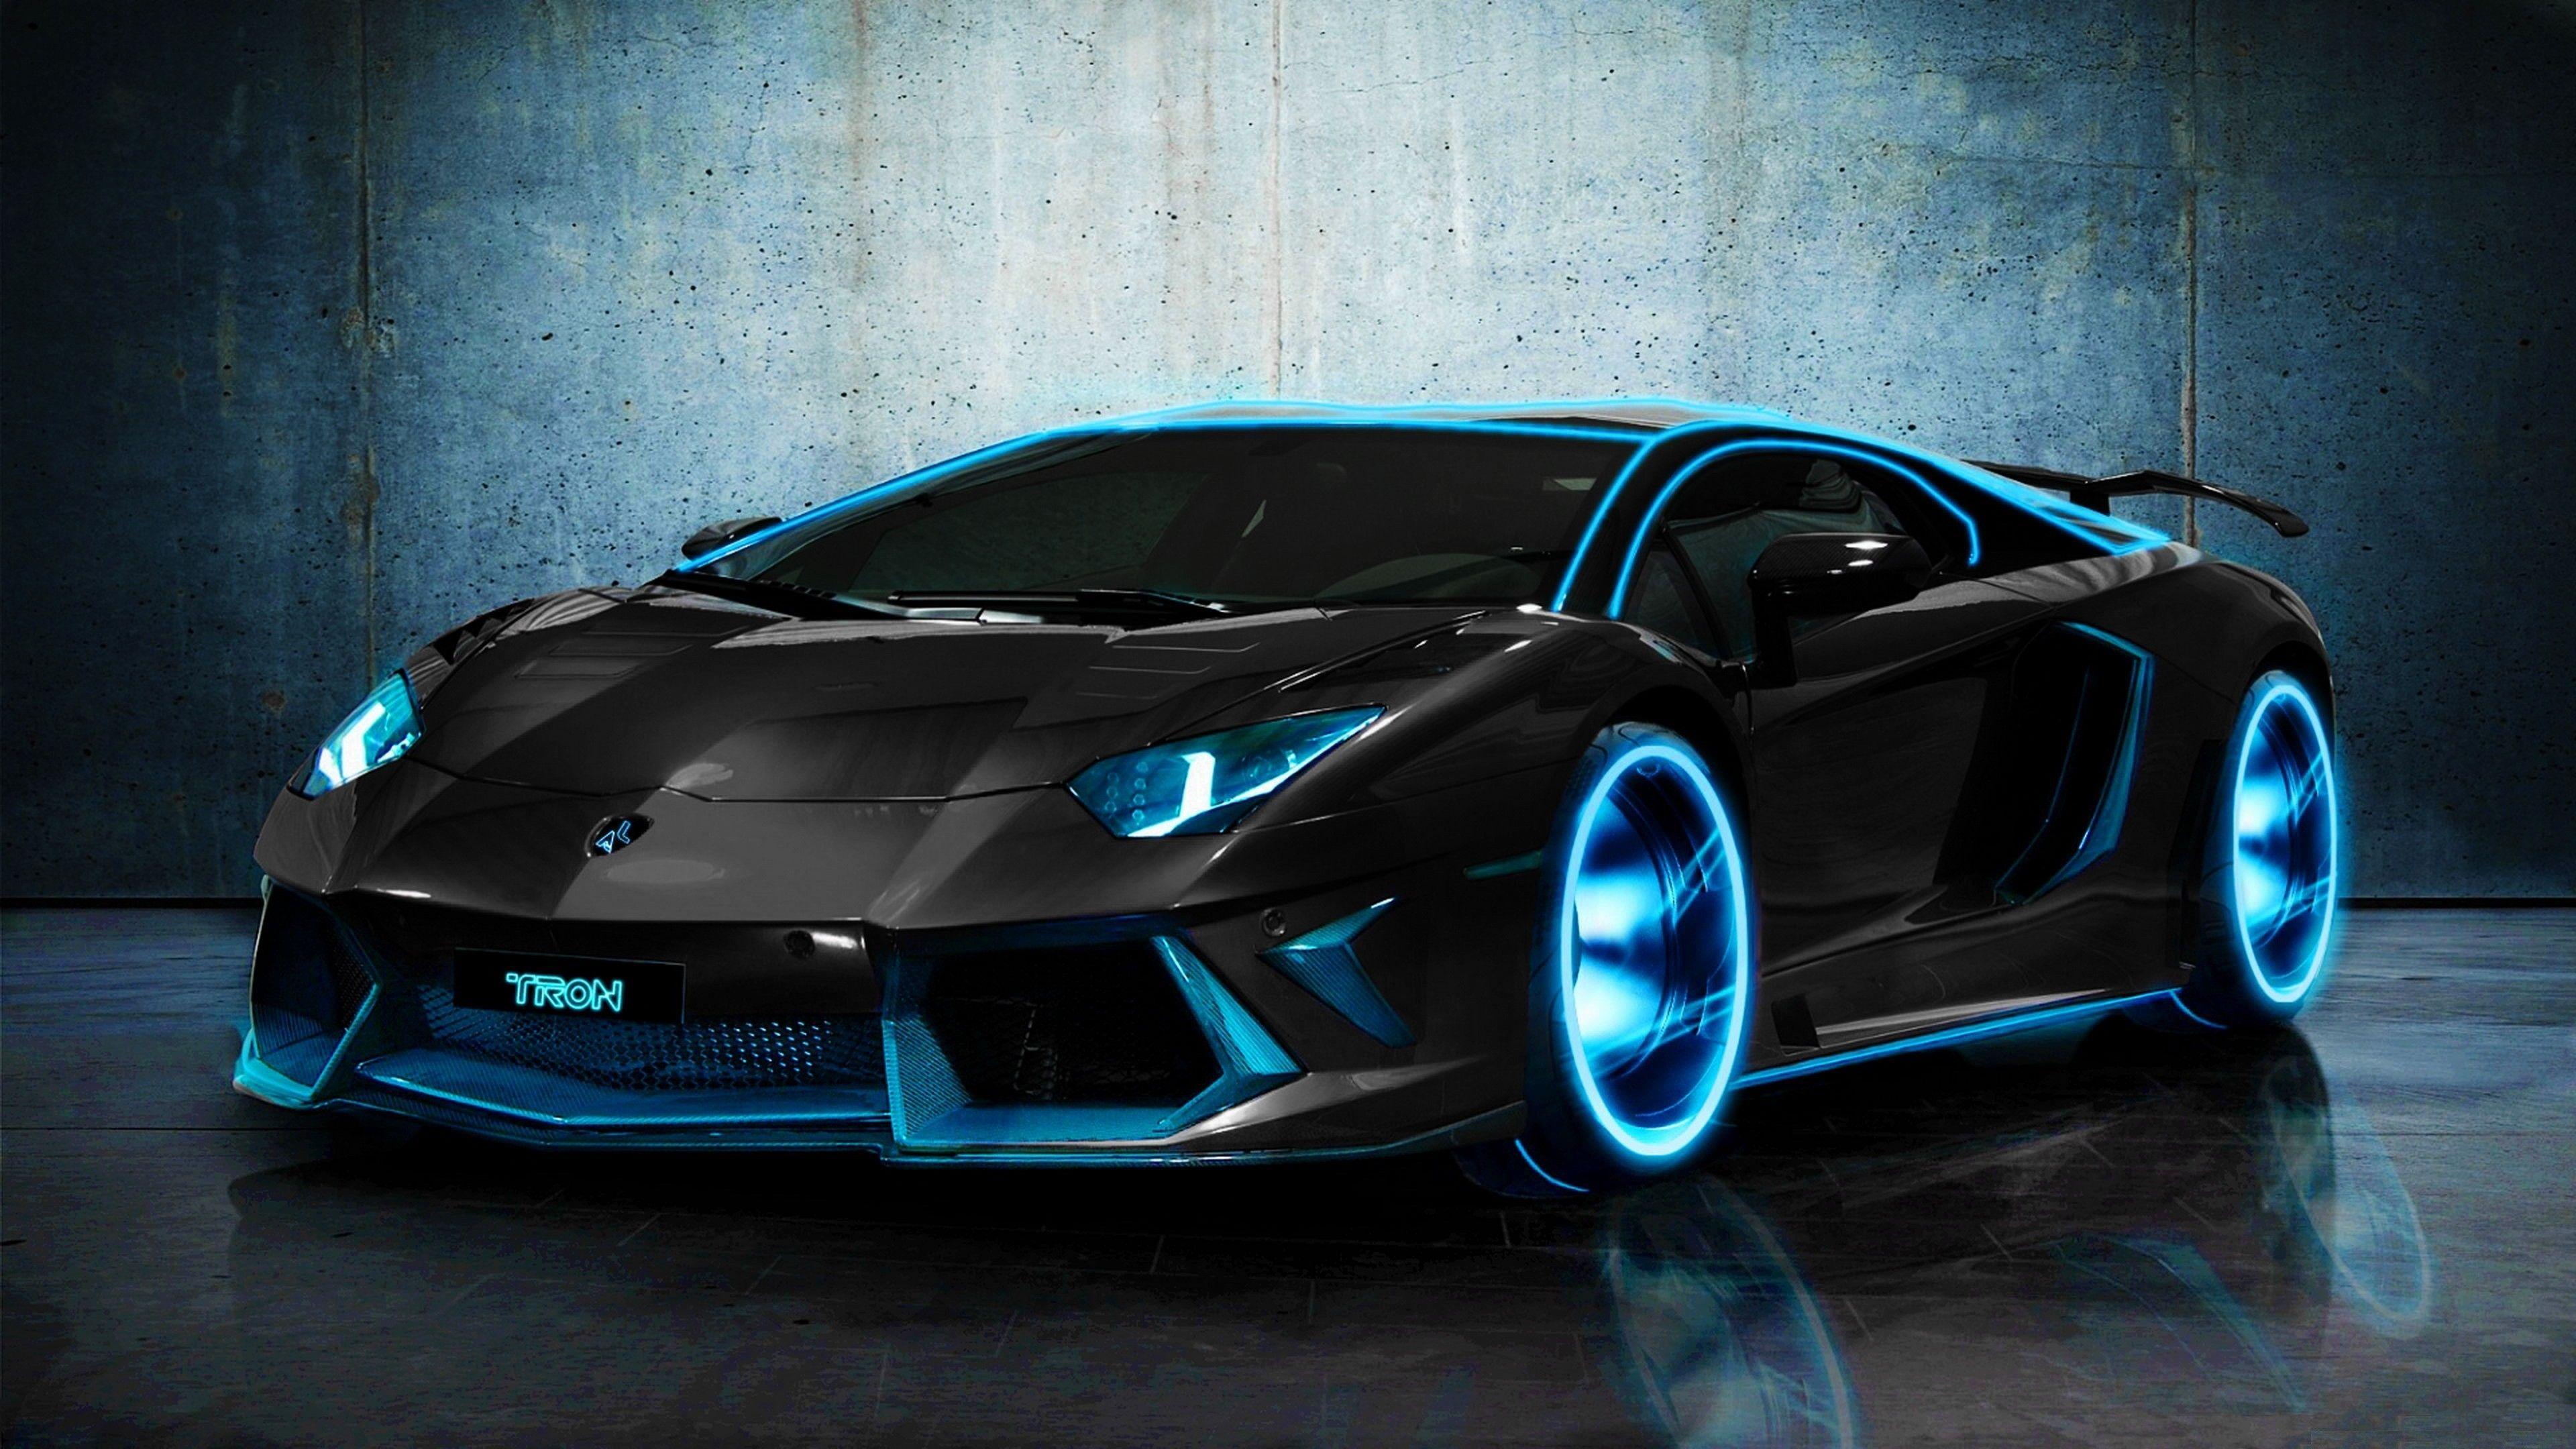 Epingle Par Alexandre Deruelle Sur Verda Voiture Voitures Lamborghini Lamborghini